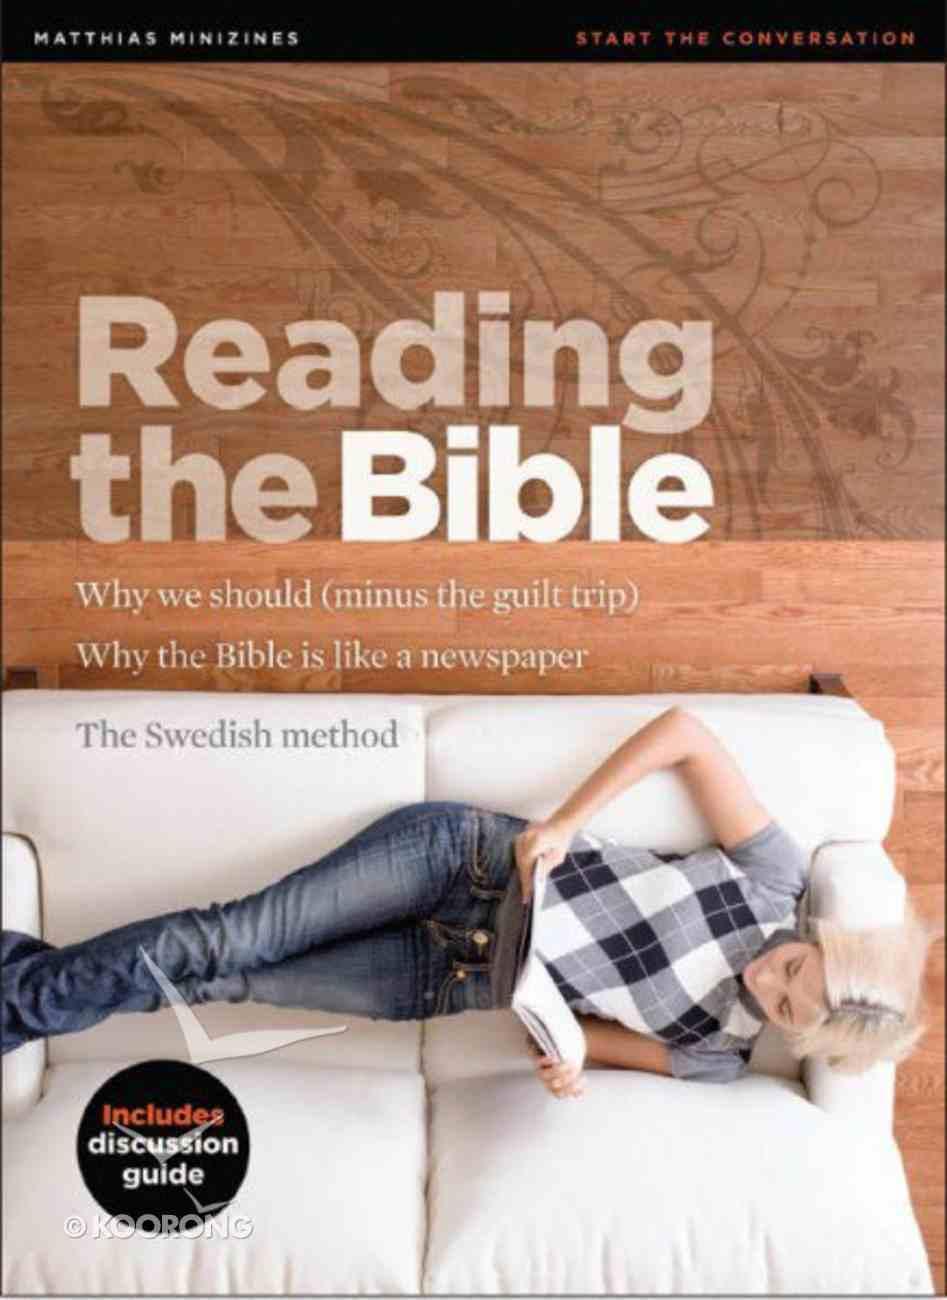 Reading the Bible (Matthias Minizines Series) Magazine